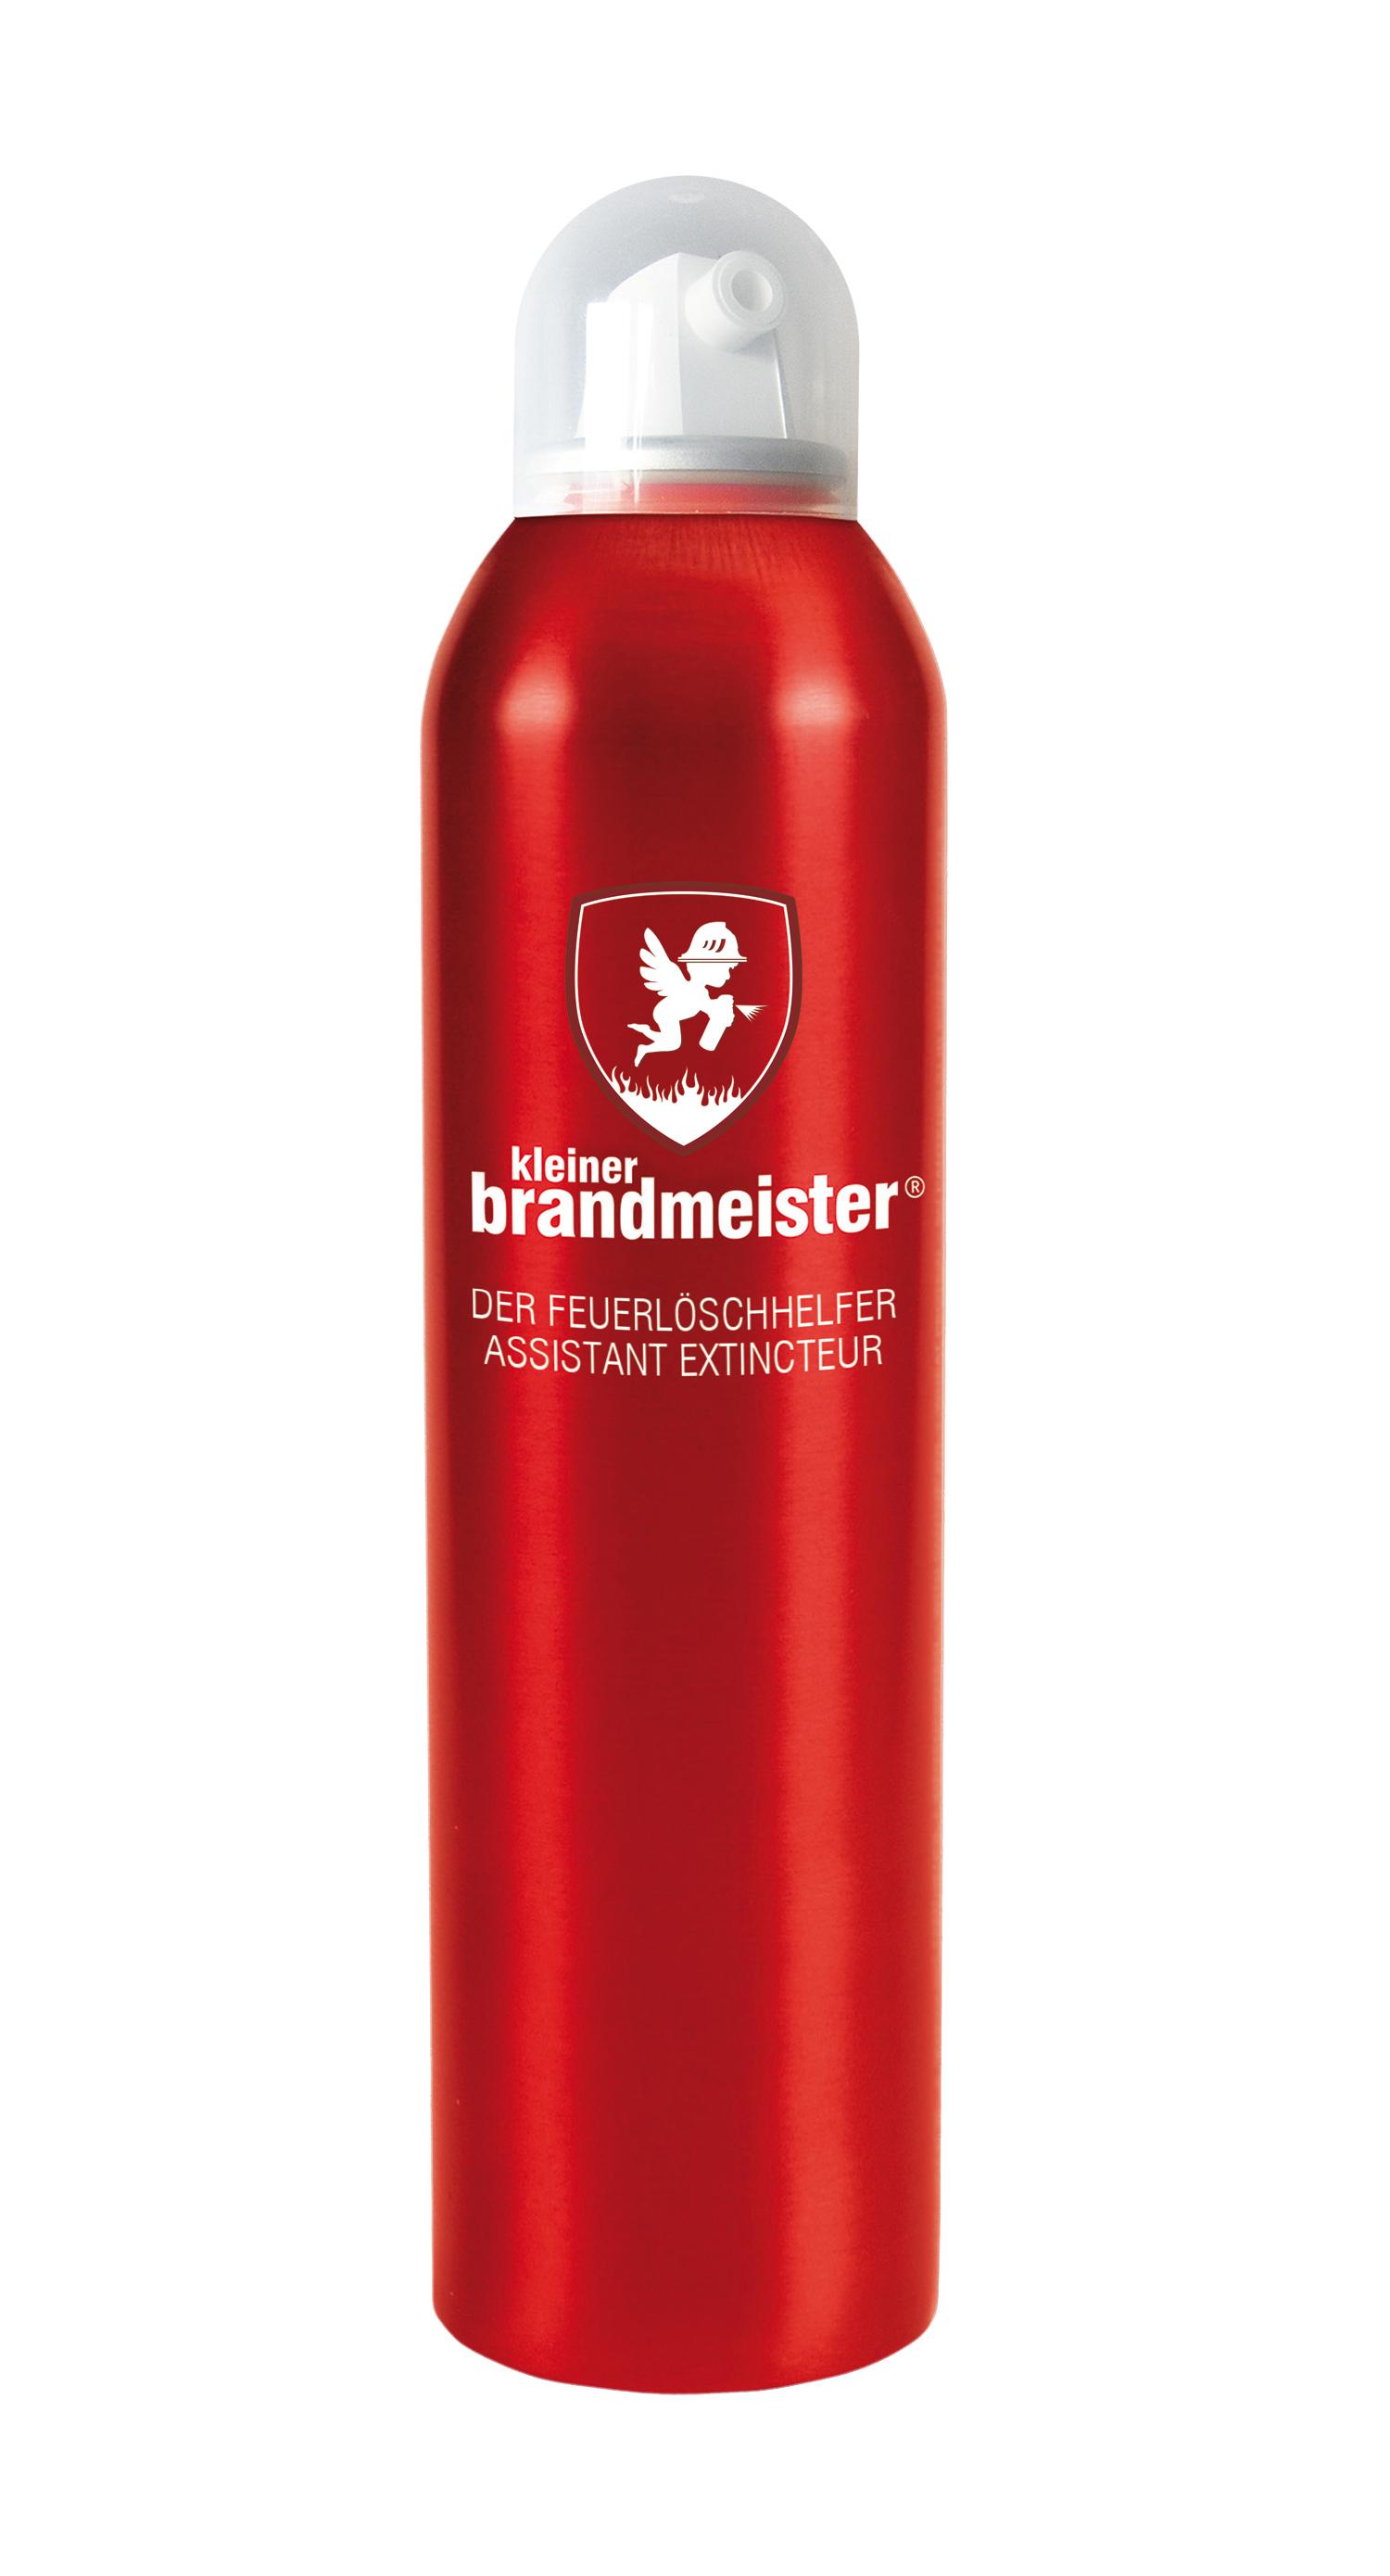 Feuerlöschspray - Kleiner Brandmeister®